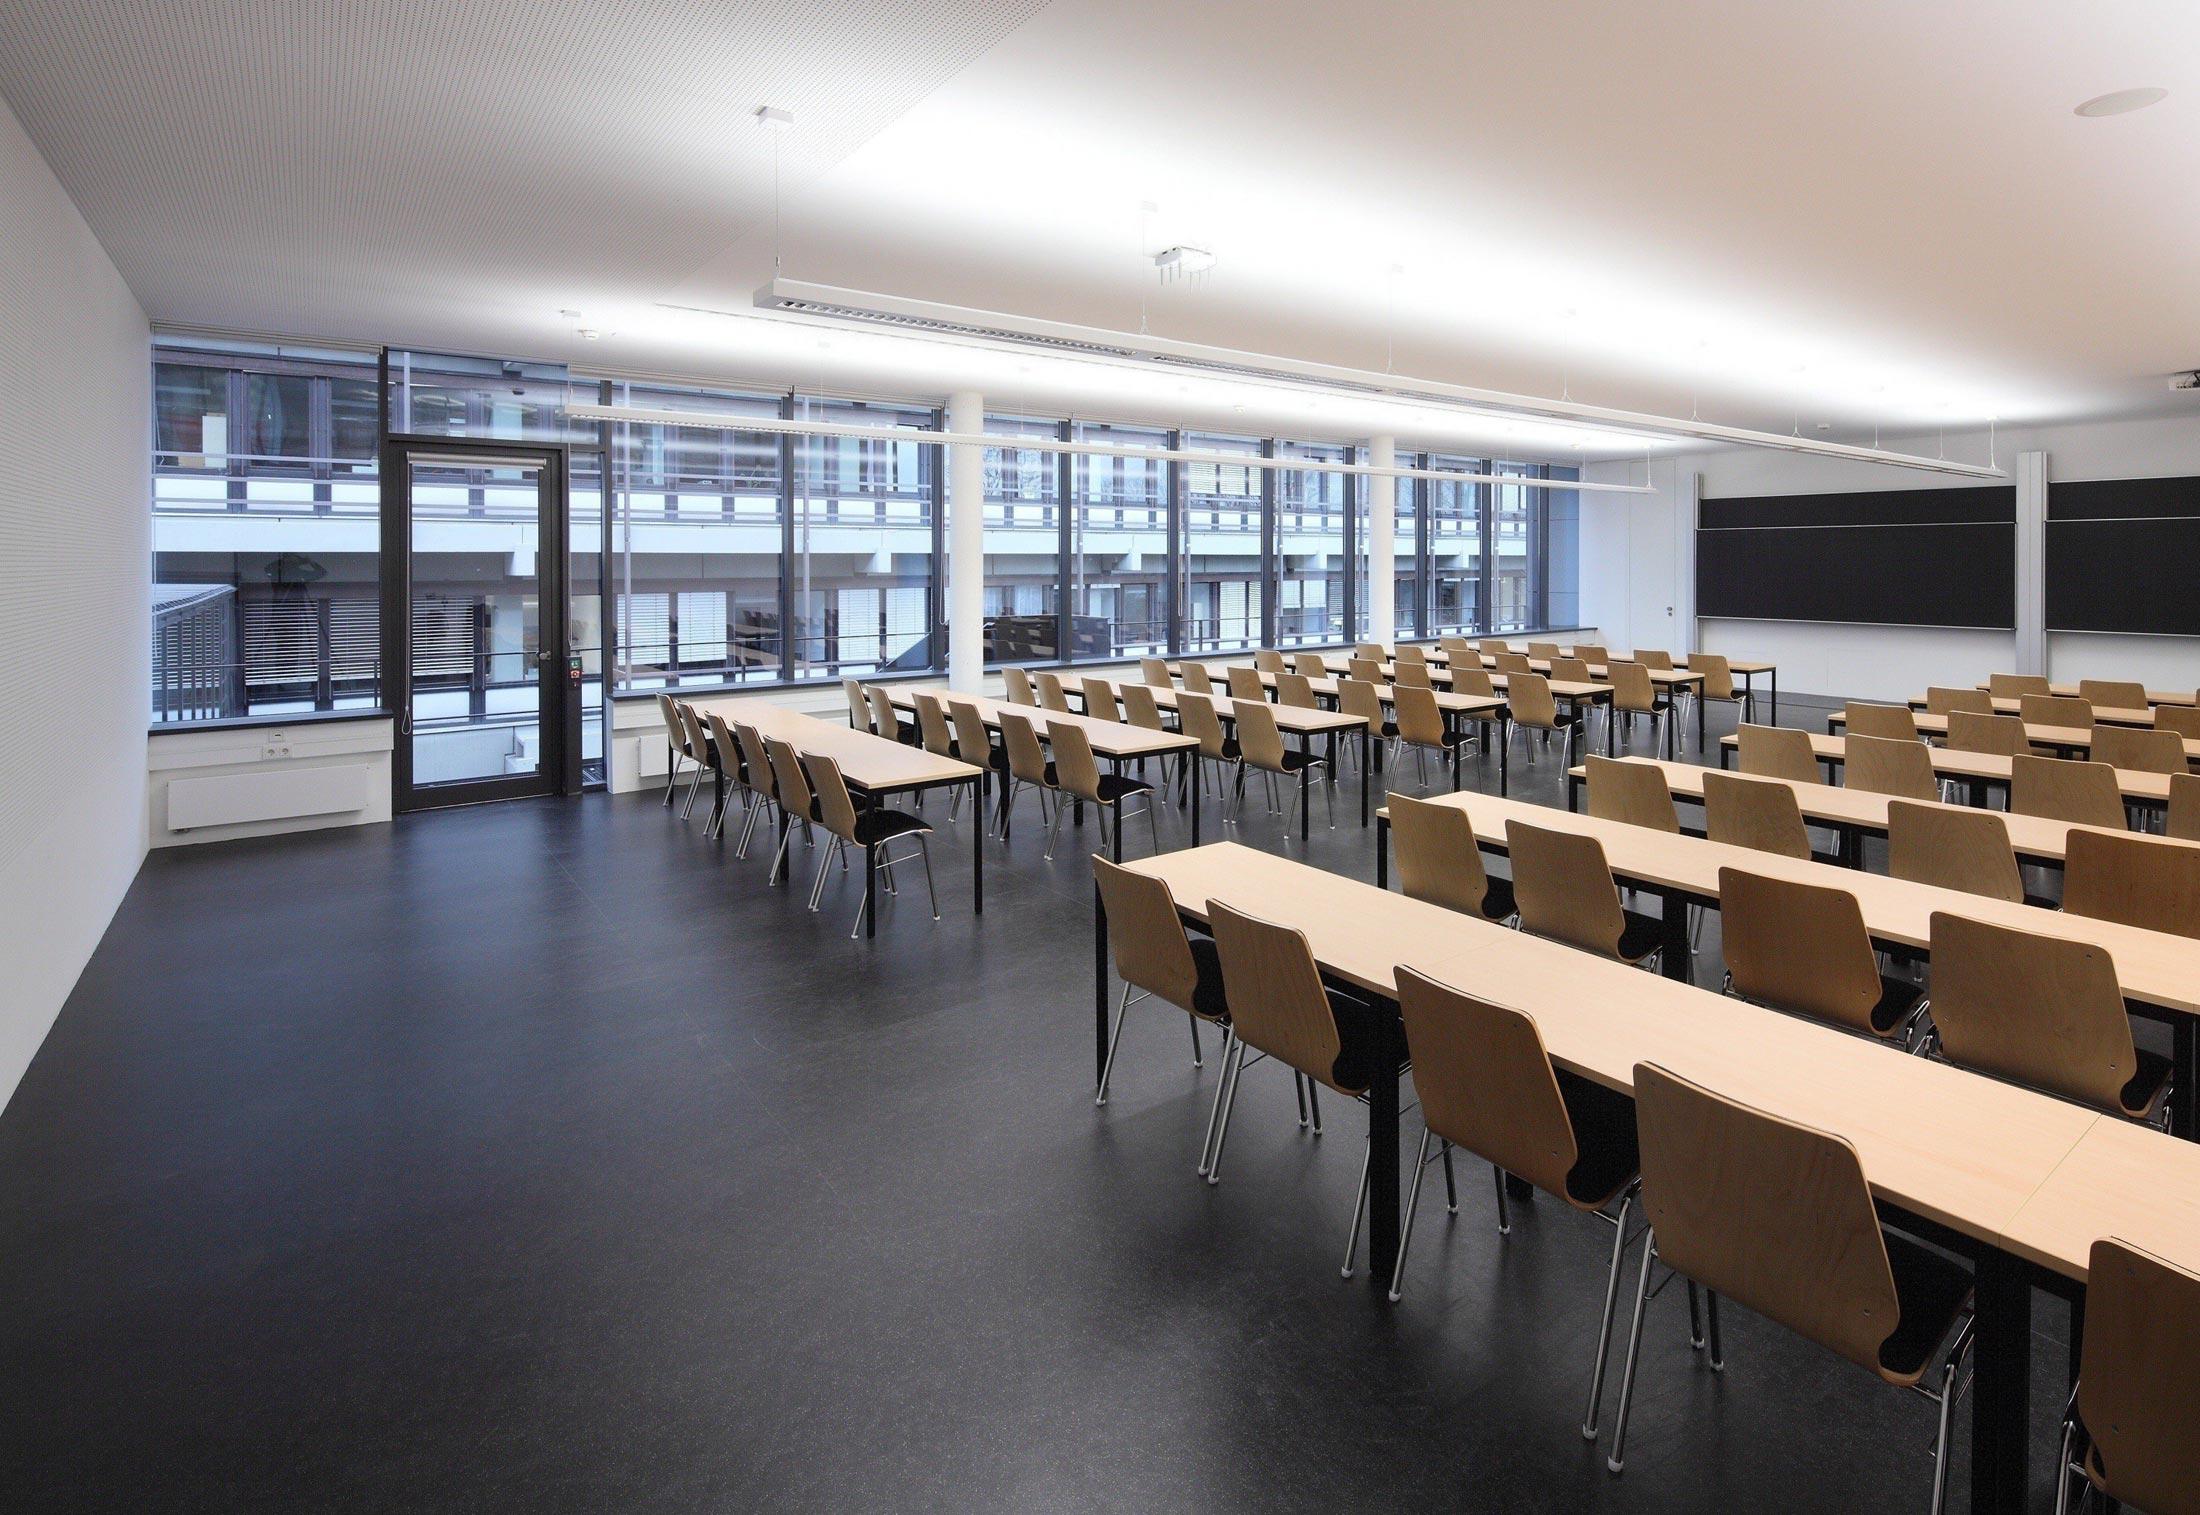 lino art metallic - Linoleum Restaurant Interior